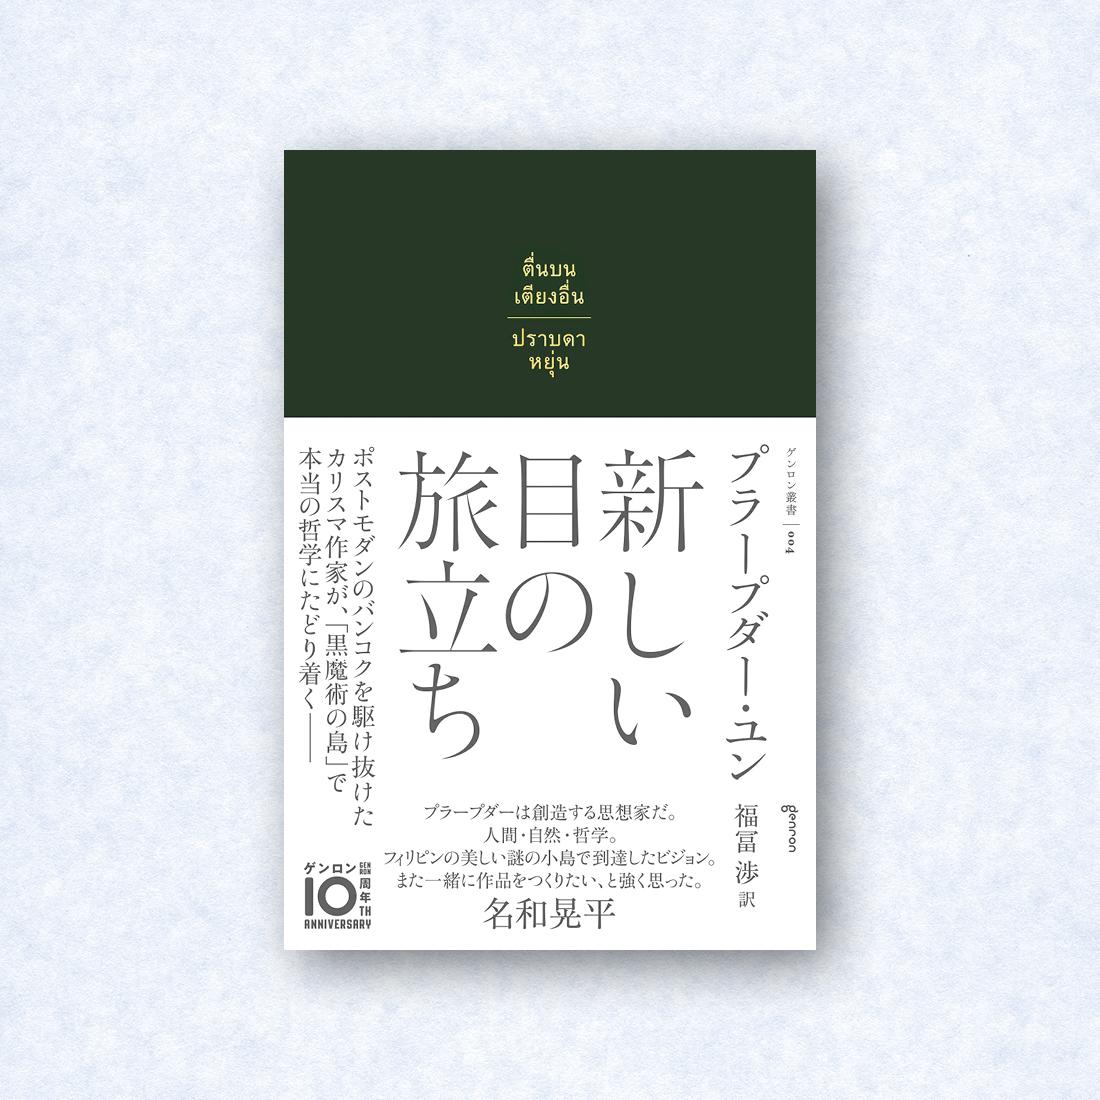 ゲンロン叢書004|新しい目の旅立ち